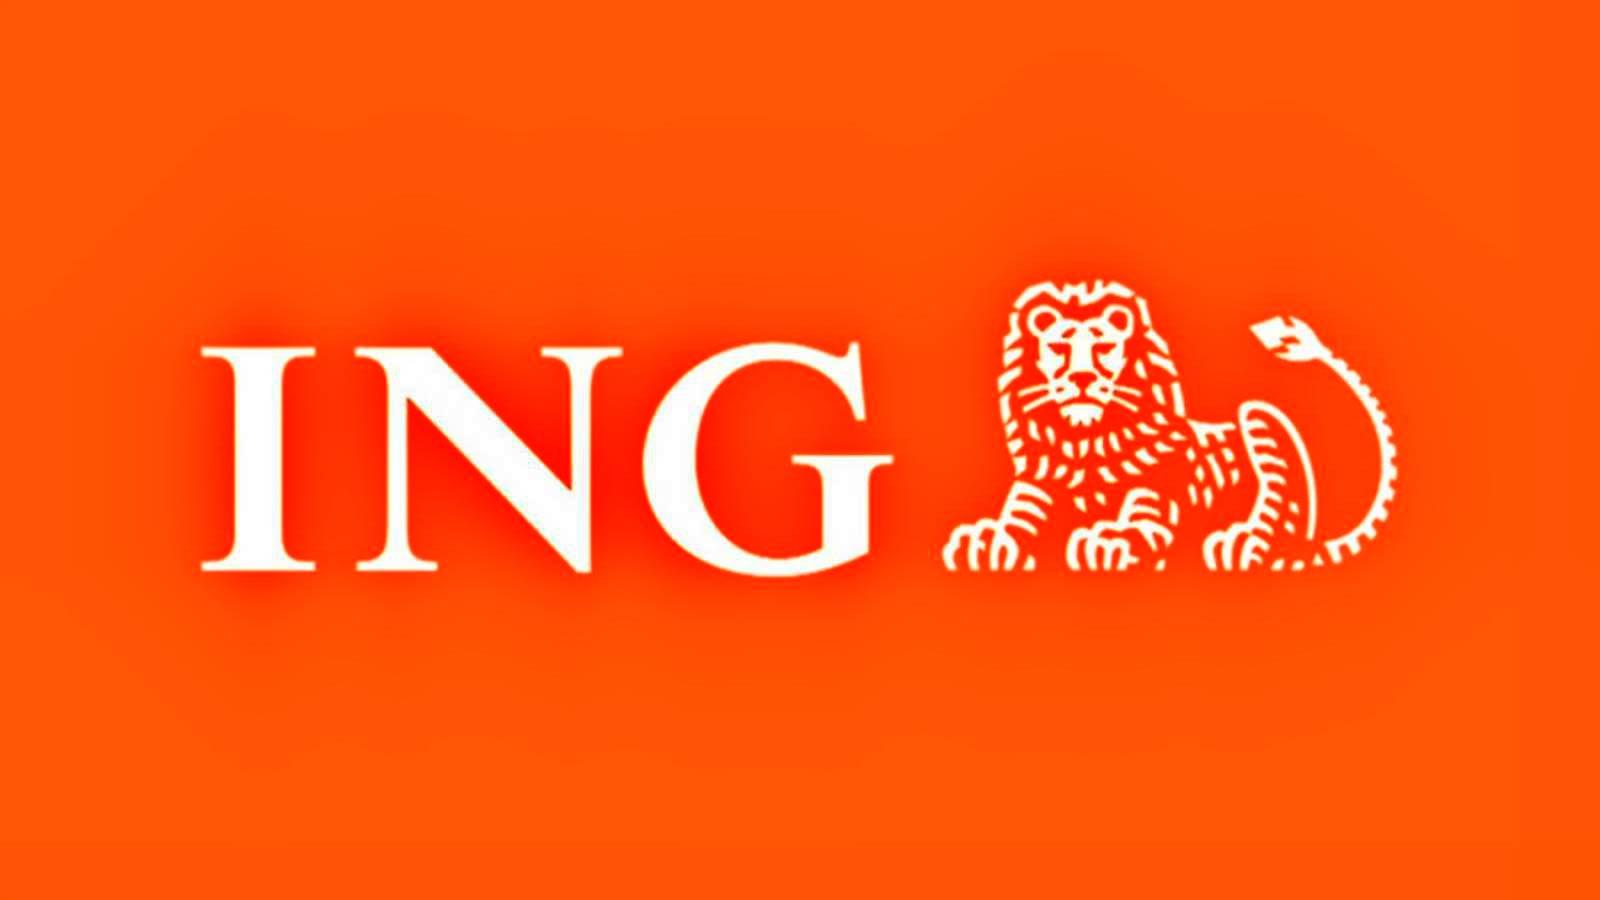 ING Bank credibil